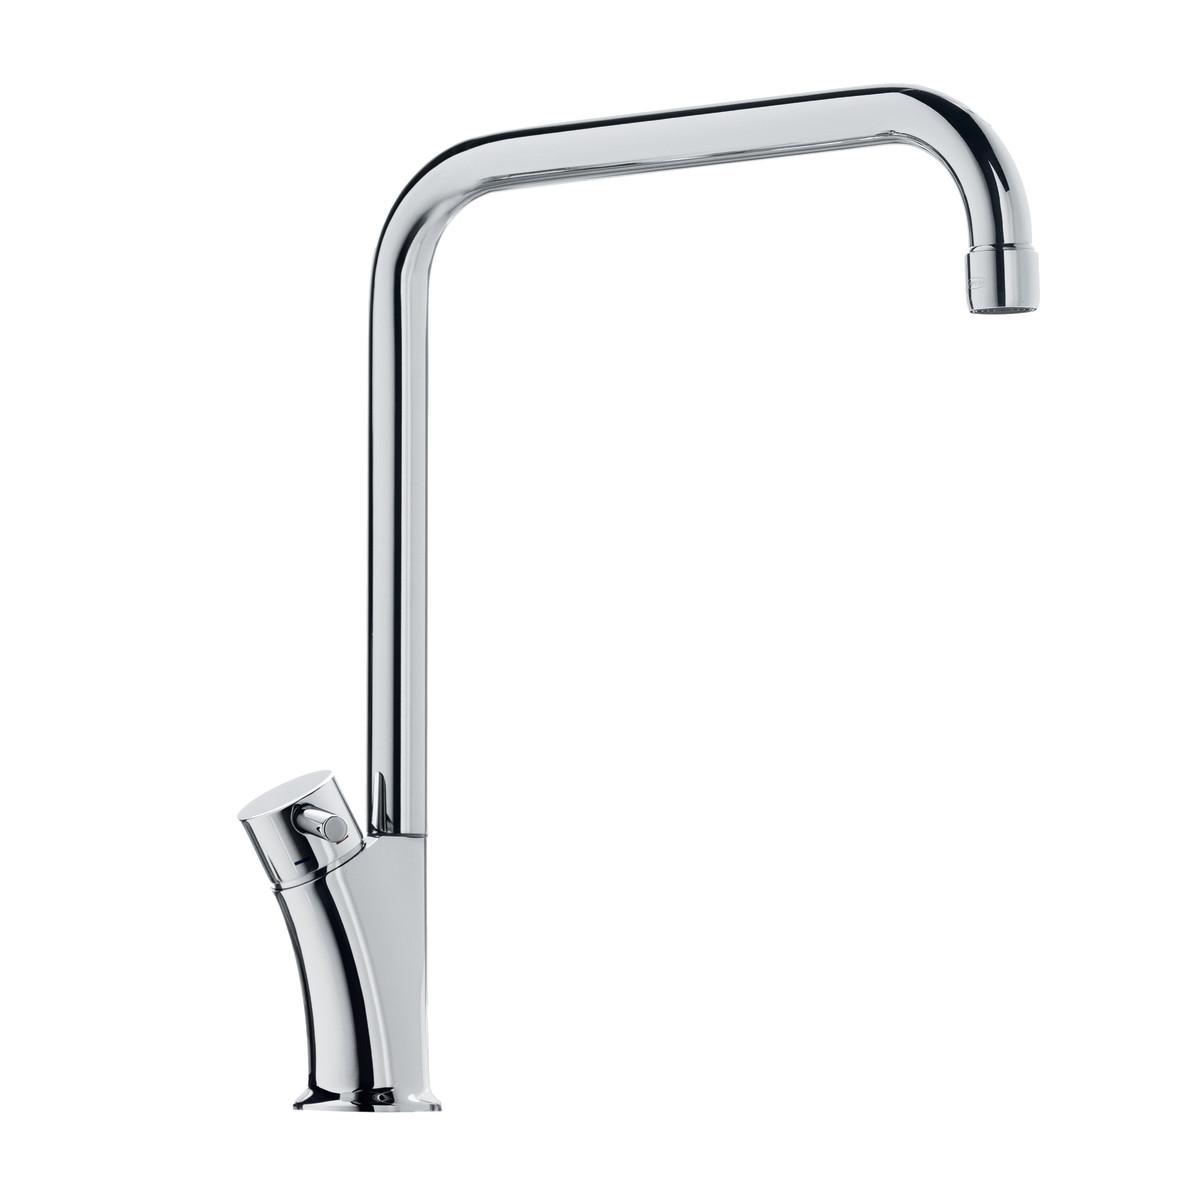 Franke 0737273 rubinetto prezzi migliori offerte for Miscelatore cucina leroy merlin